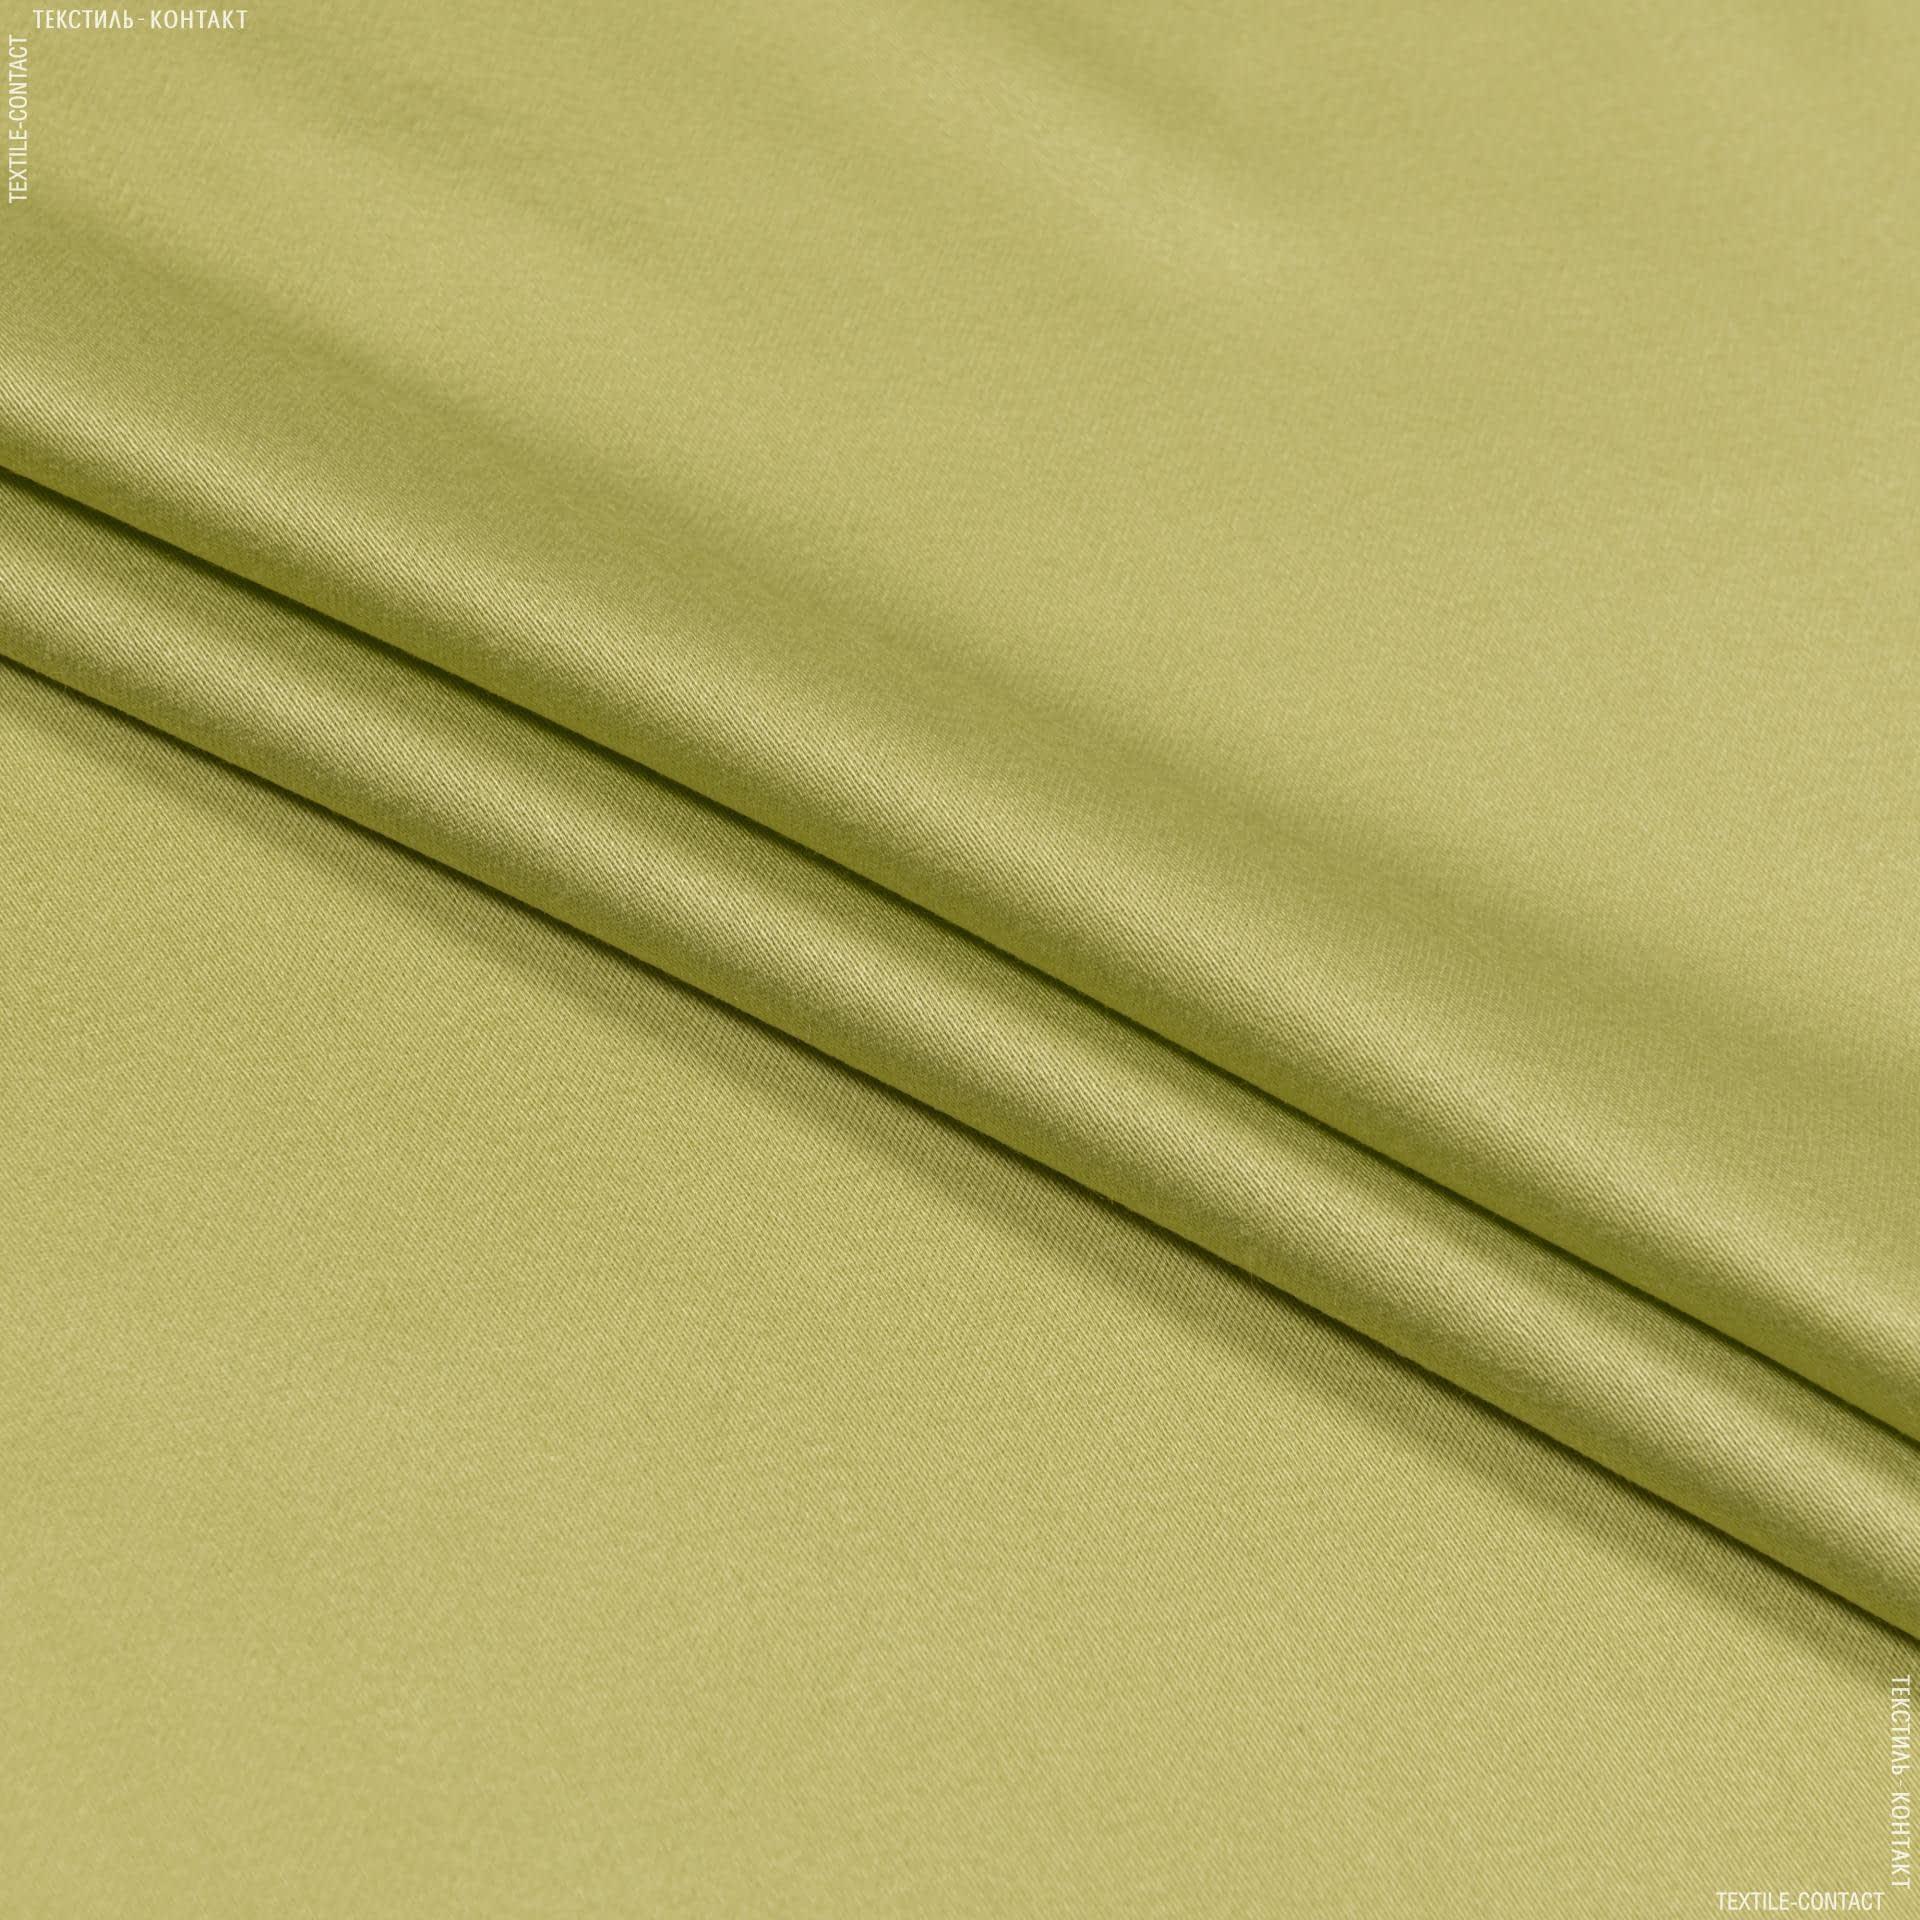 Тканини для штанів - Костюмний сатин світло-фісташка